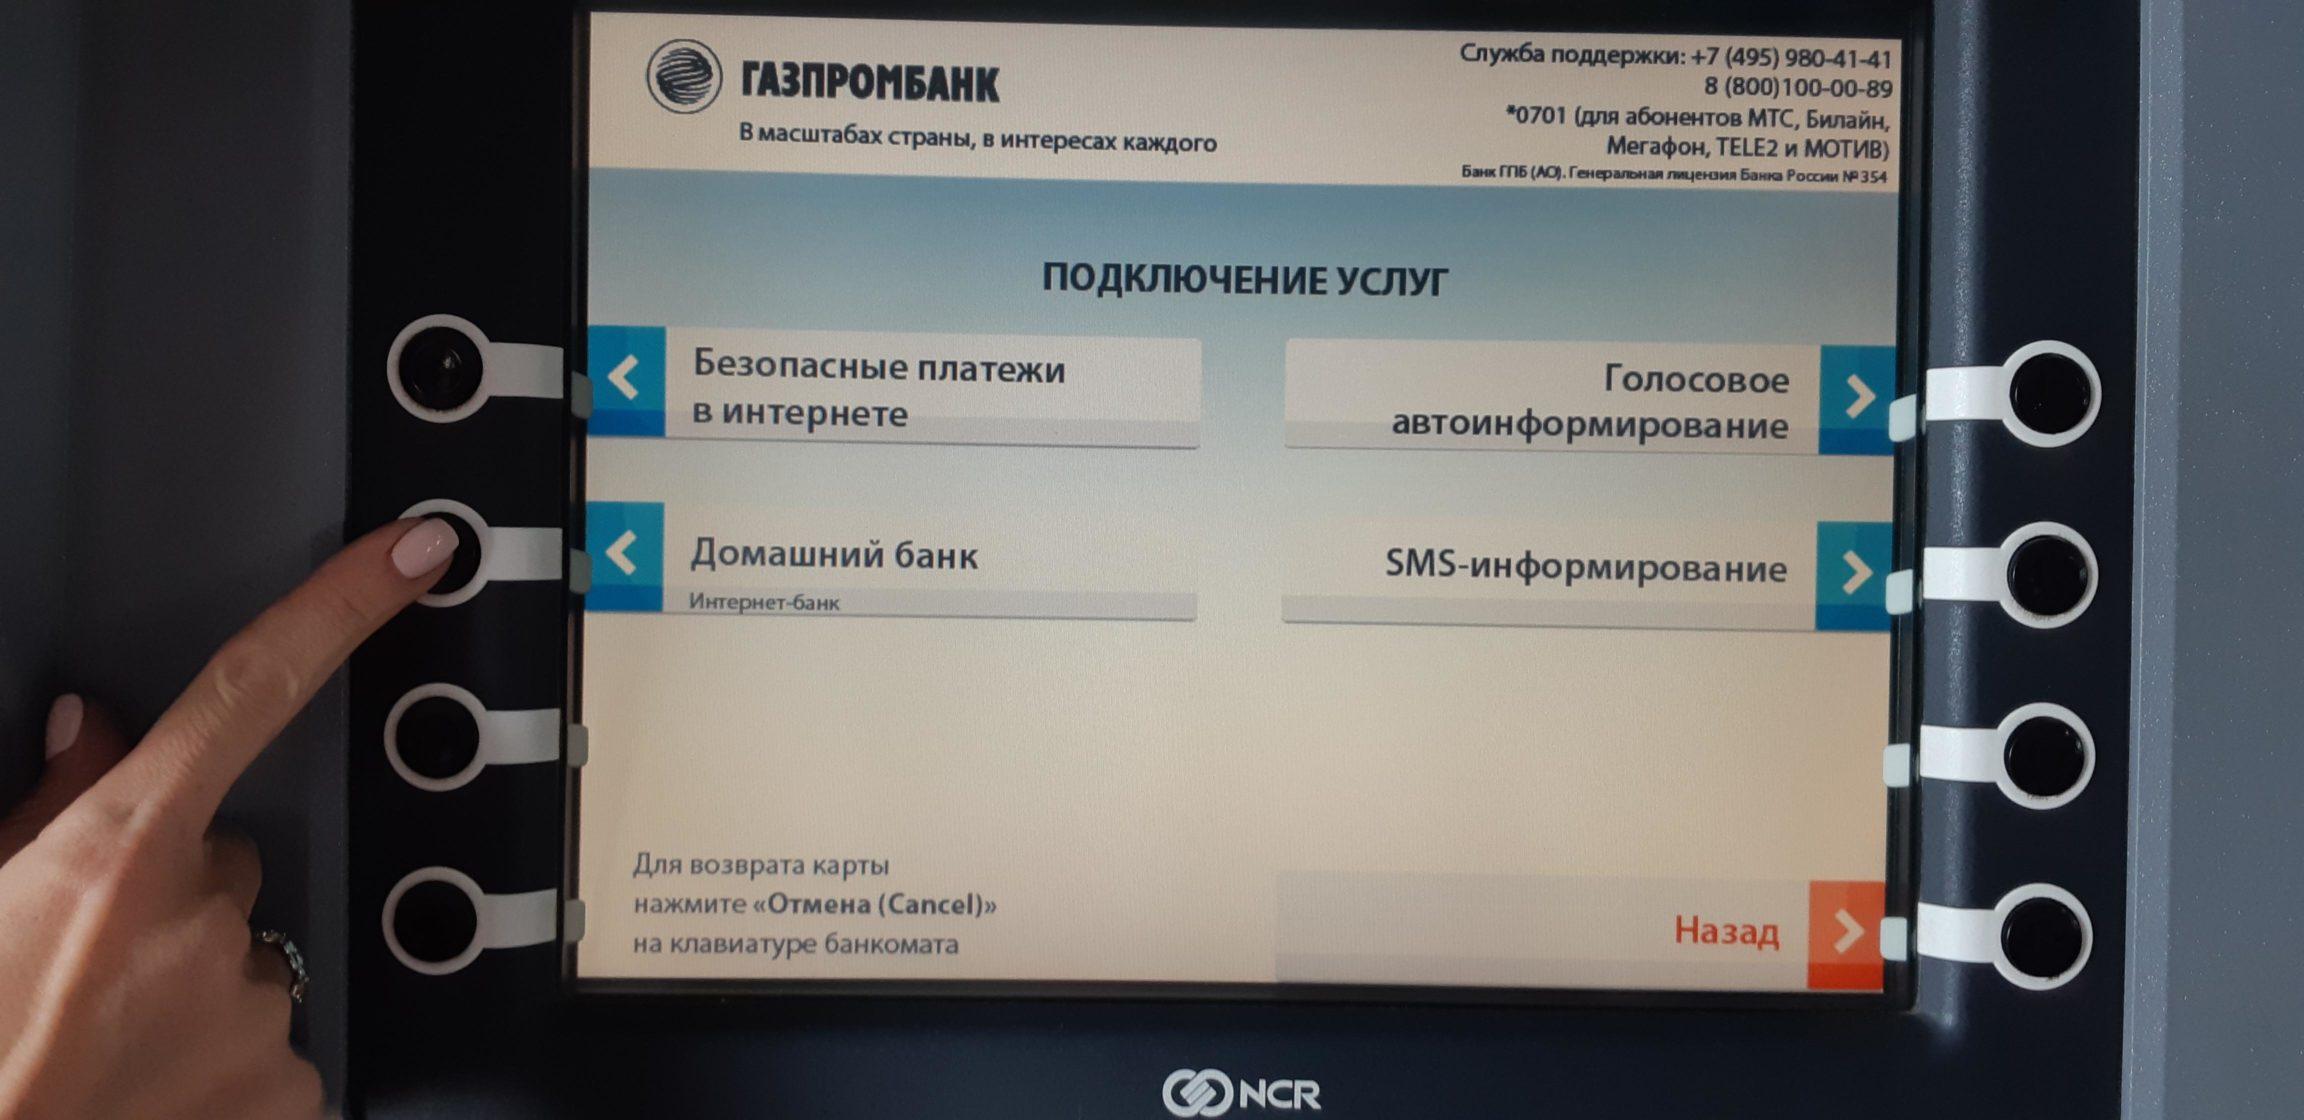 Регистрация в Интернет Банке через банкомат шаг 8